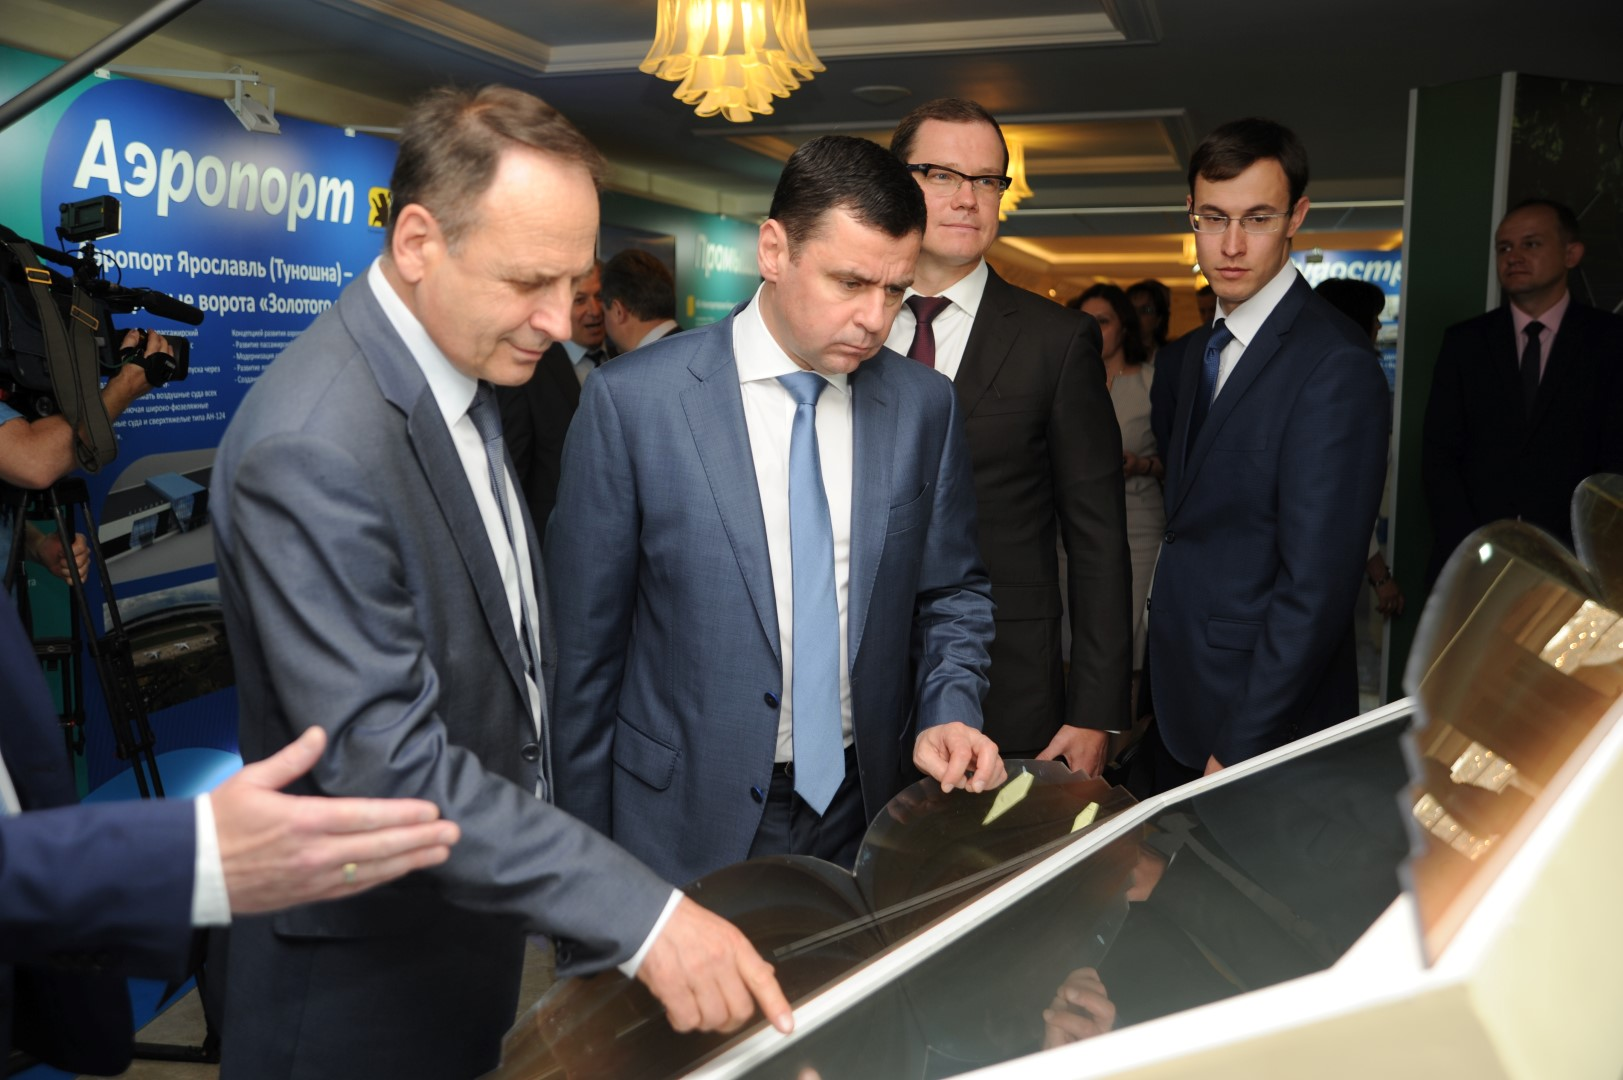 Дни Ярославской области в Совете Федерации: как будет развиваться регион с федеральной поддержкой